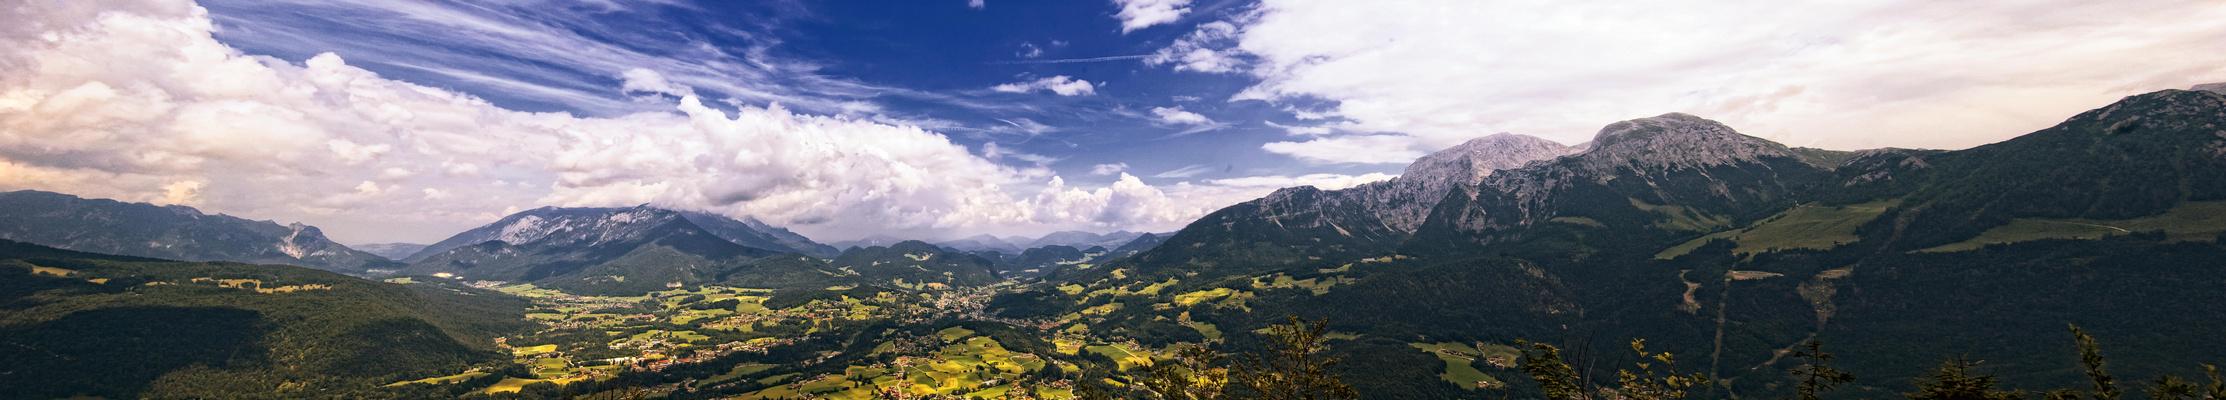 Grünstein Panorama